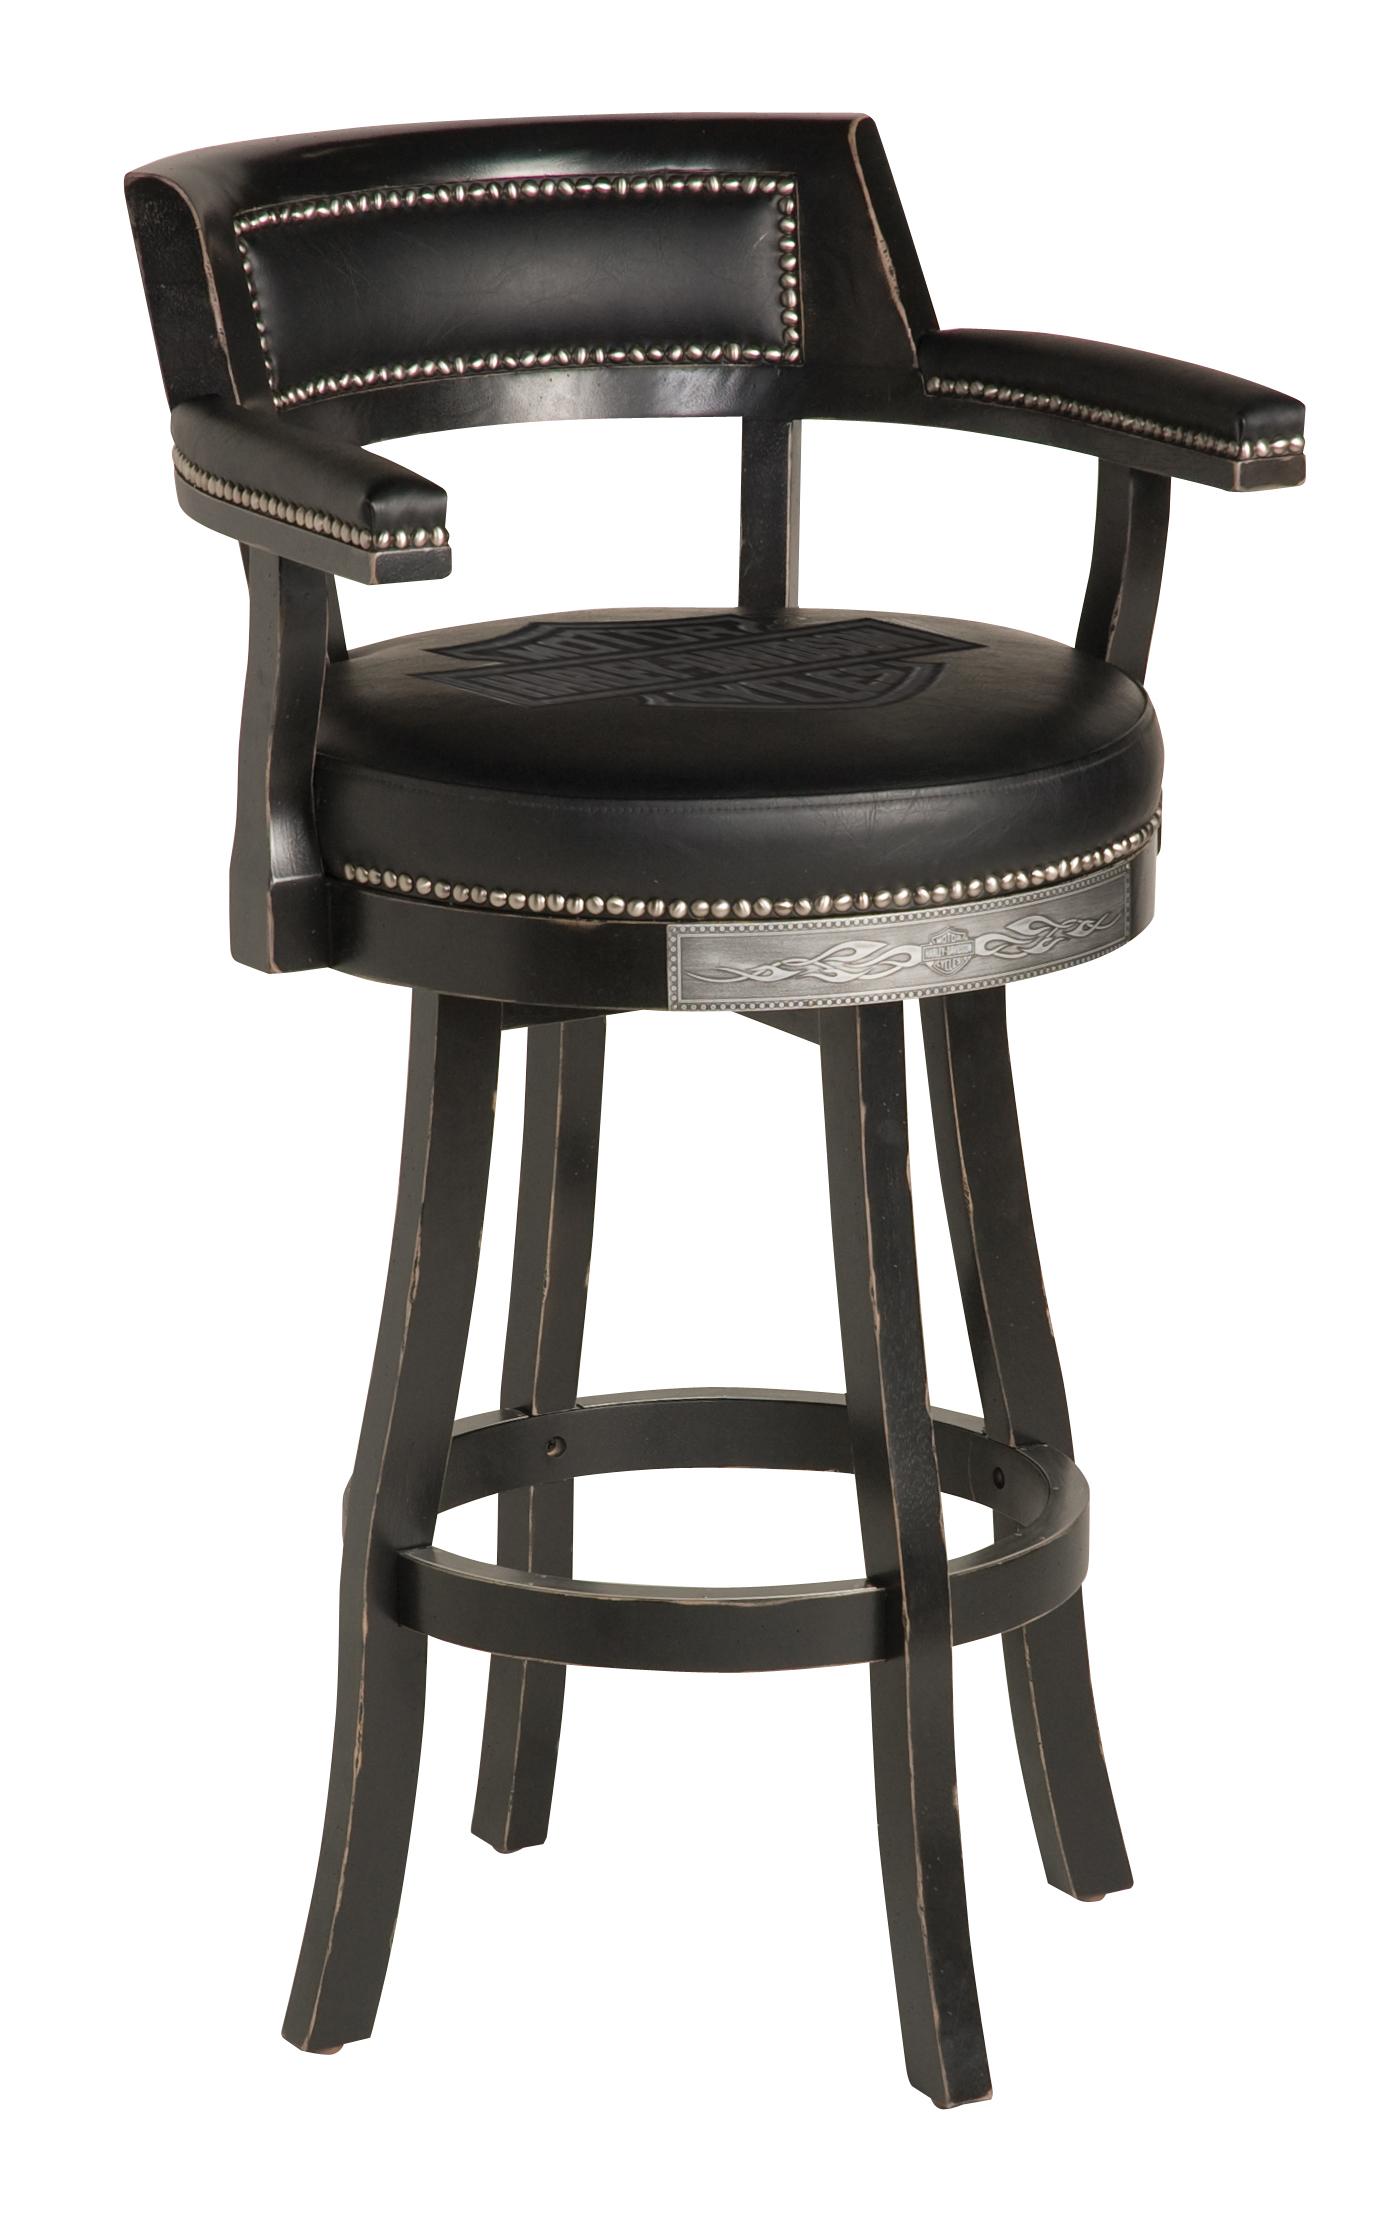 Harley-Davidson B&S Flames Bar Stool w/ Backrest Vintage Black Finish HDL-13110-V